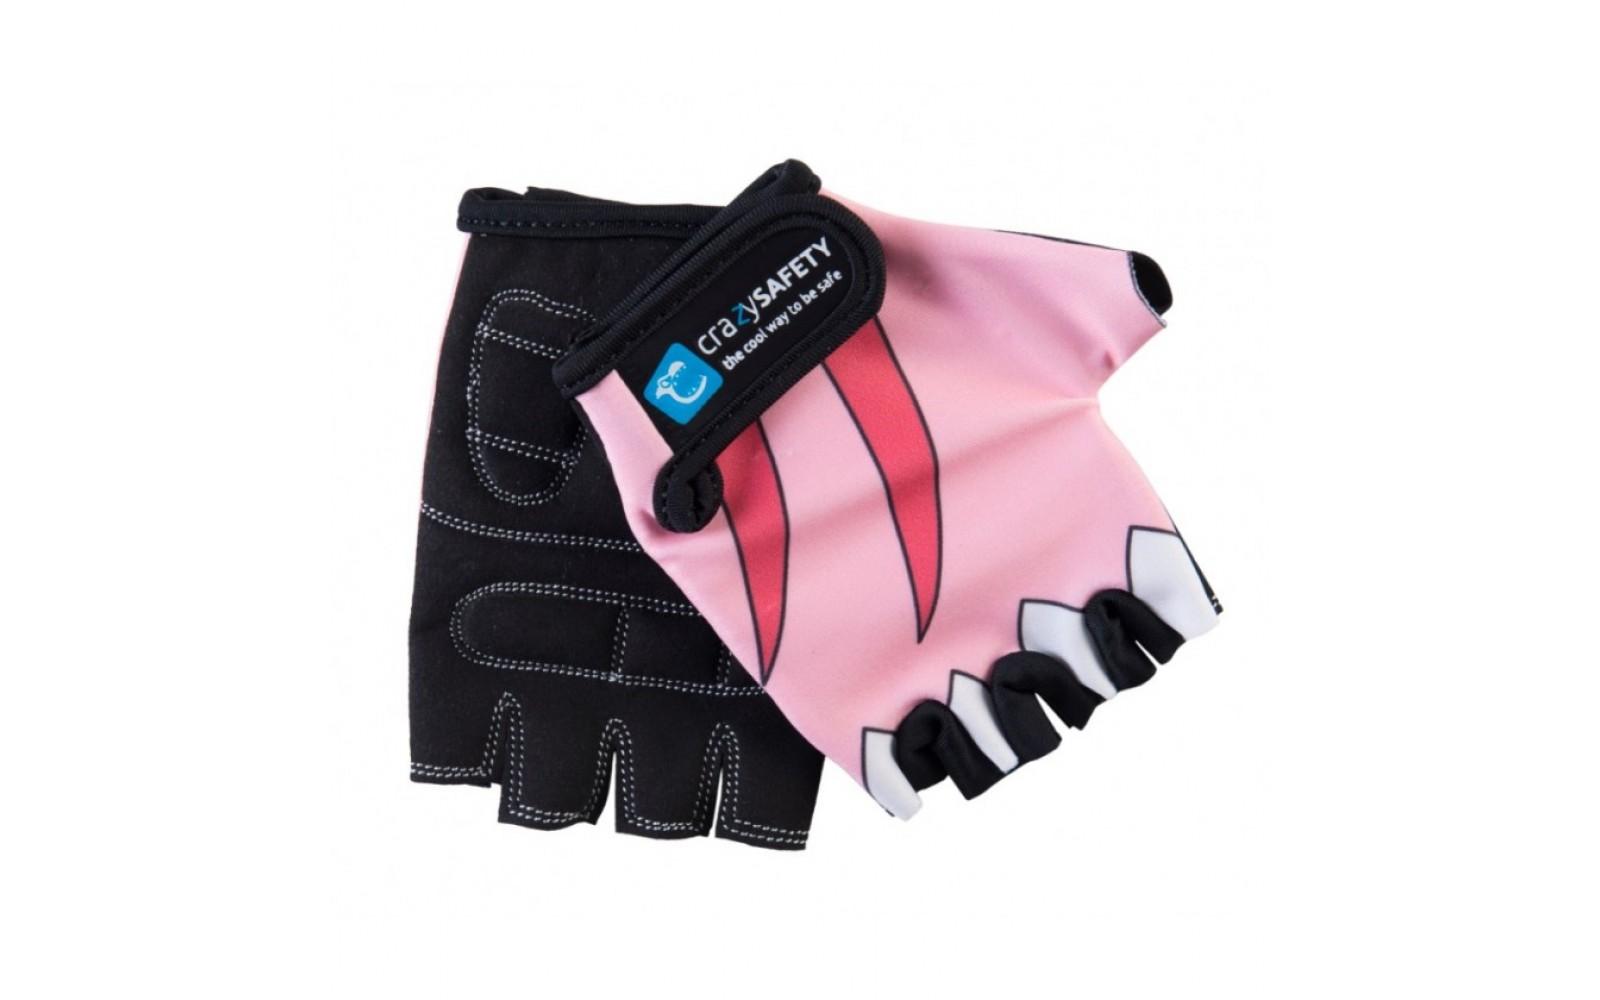 Перчатки Pink Shark (розовая акула) Crazy Safety